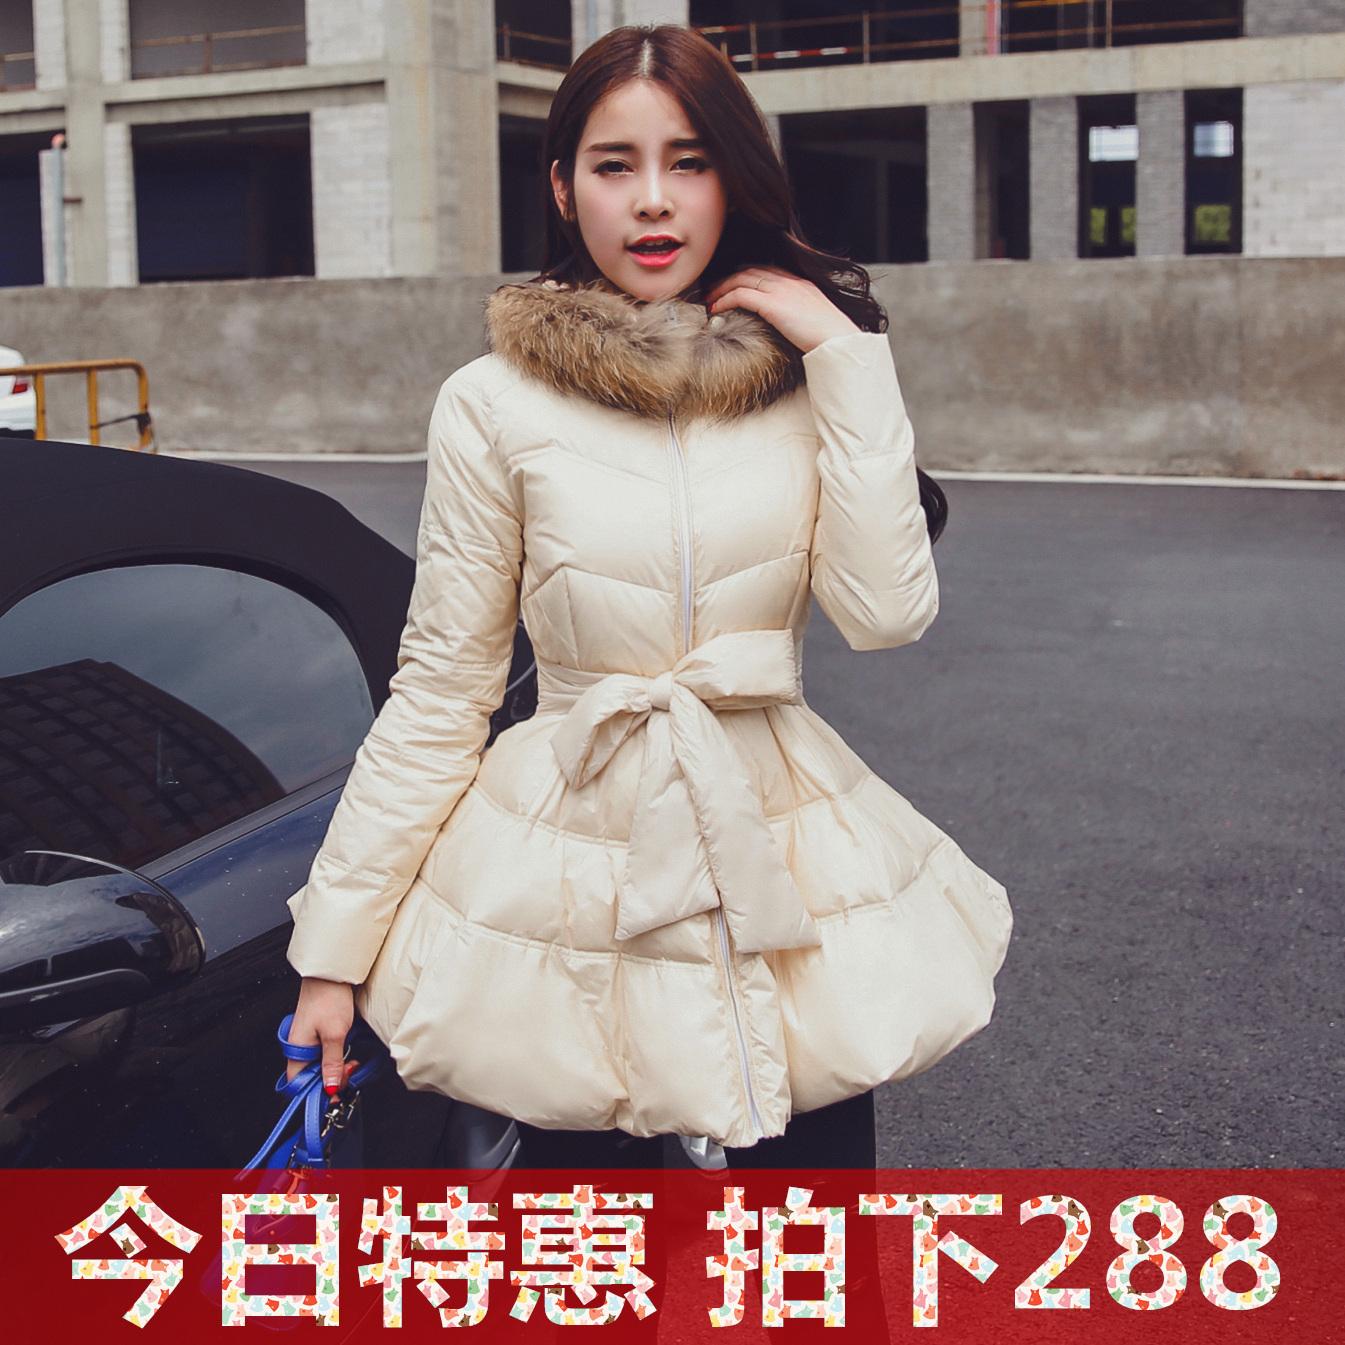 2016 зимняя корейских женщин долго вниз куртка мягкие юбки a slim похудения плащ пальто